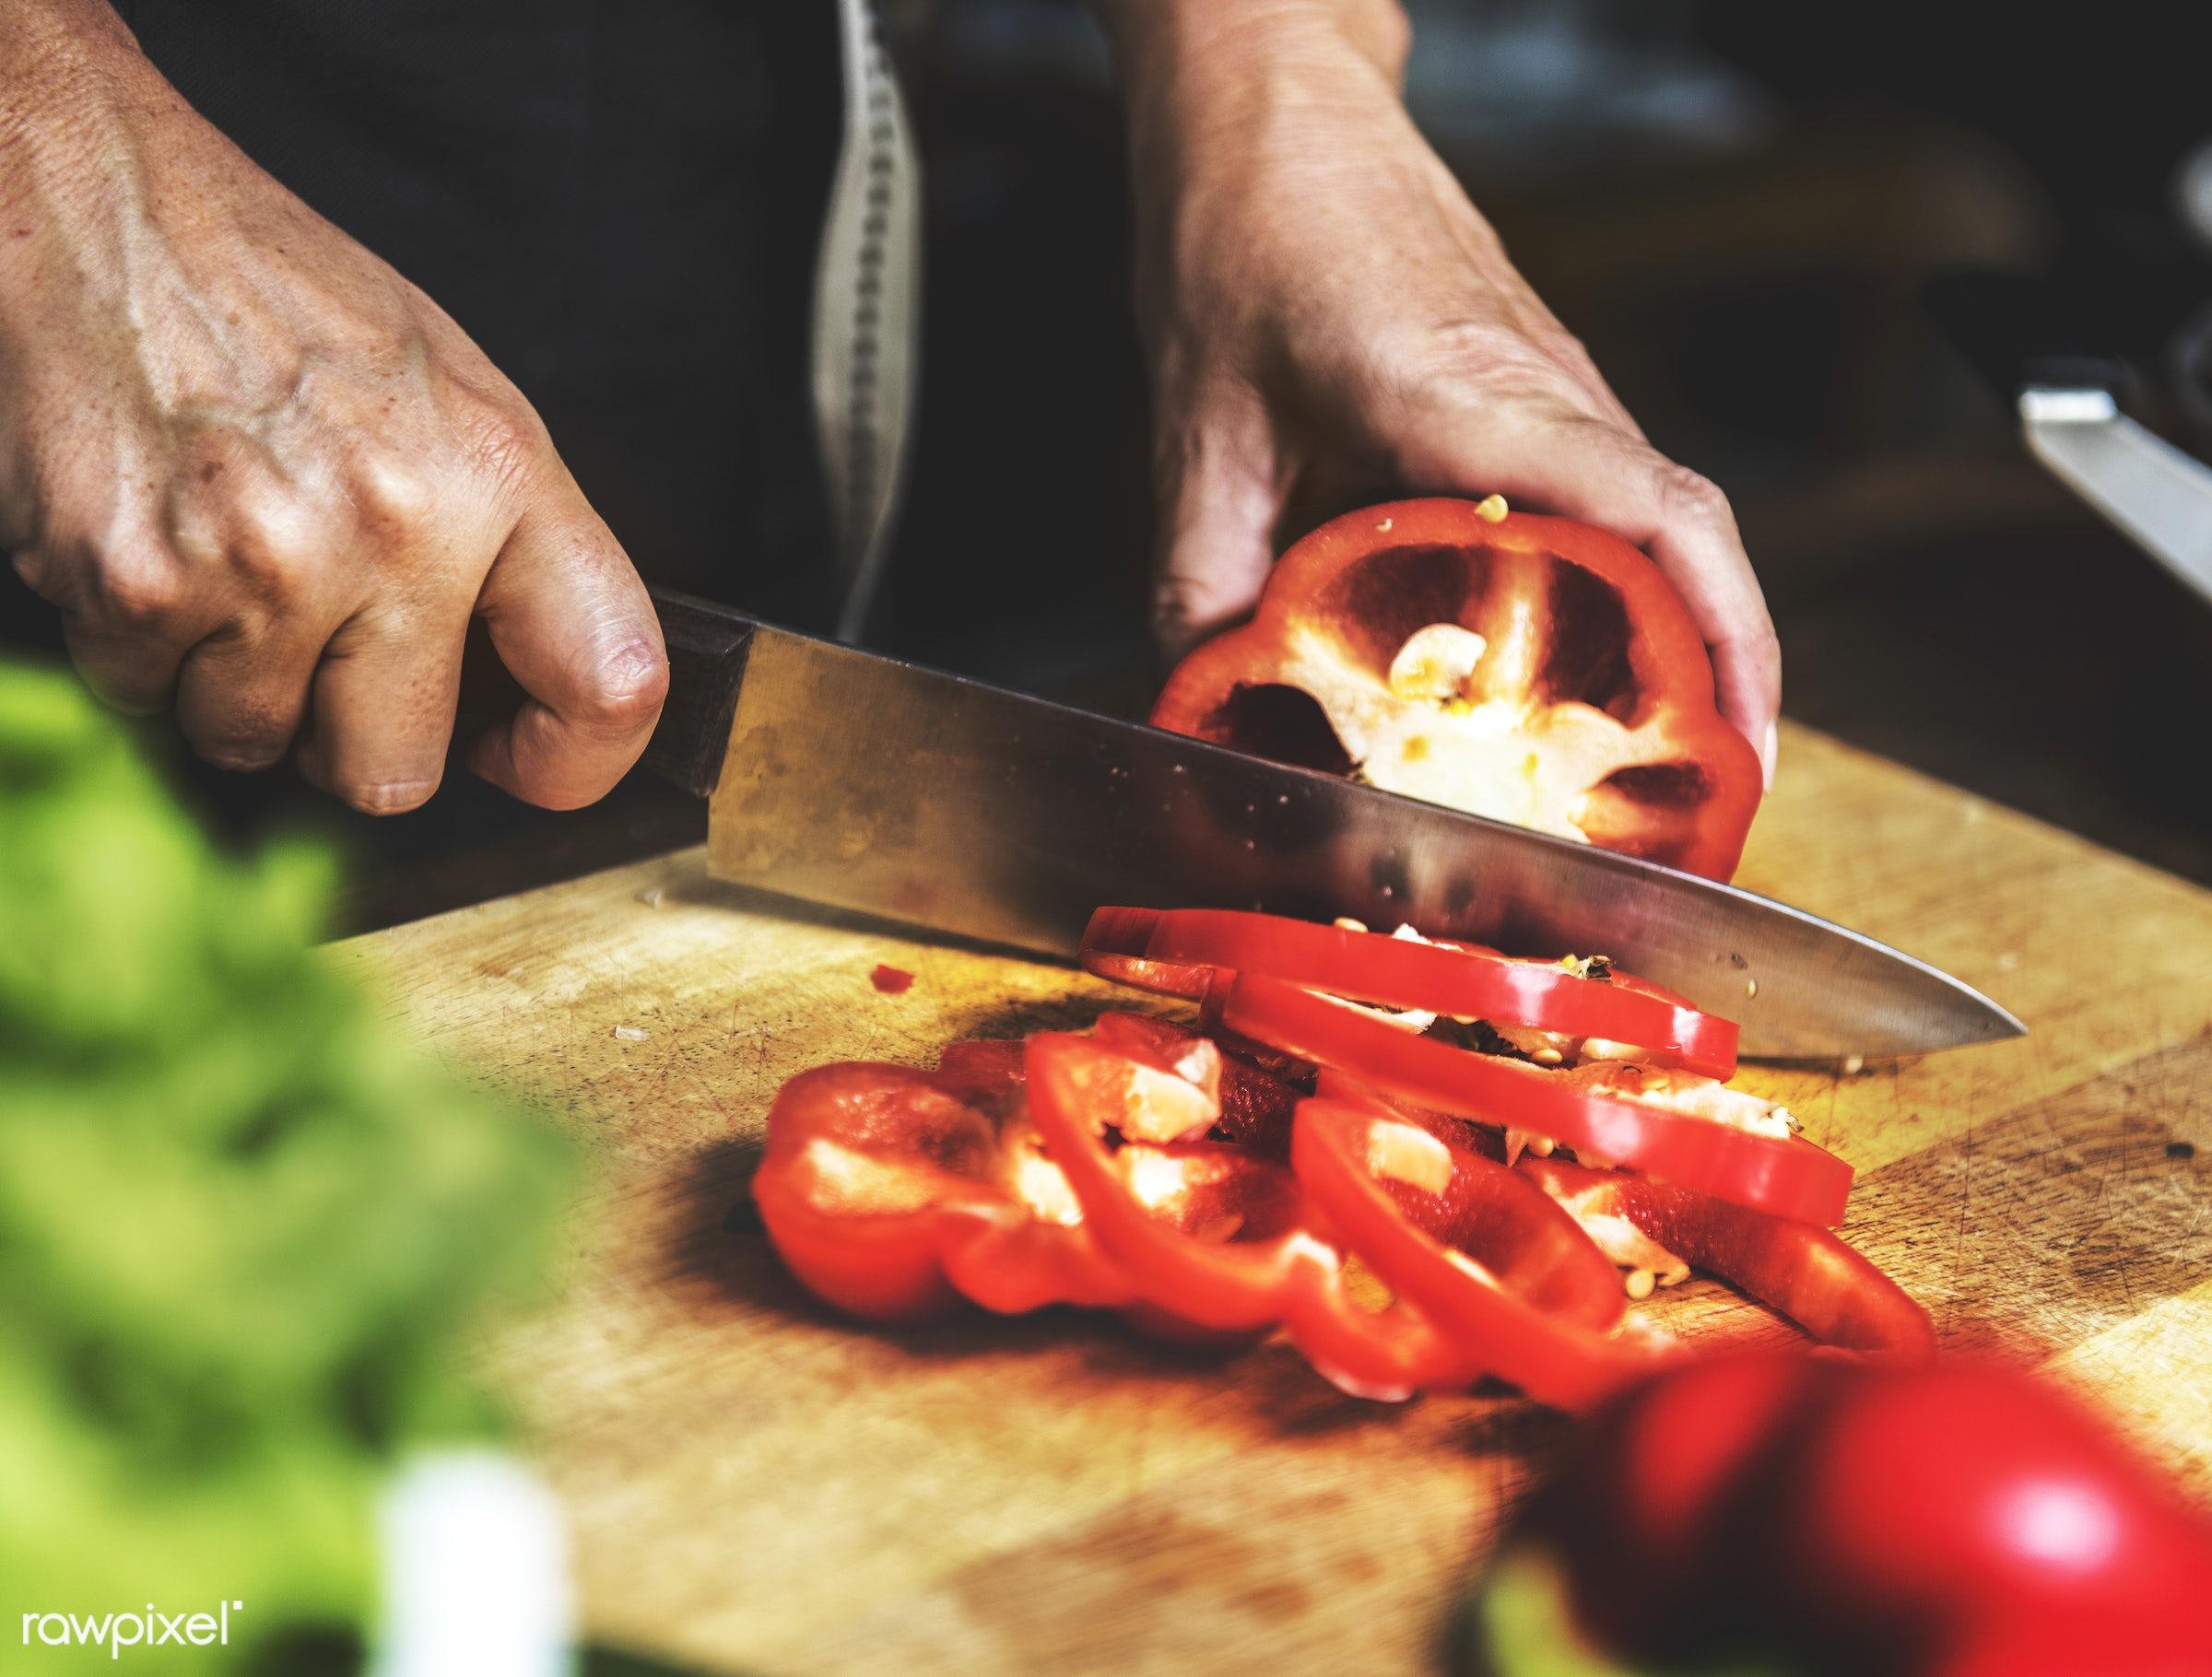 cuisine, chopping board, bell pepper, gastronomy, ingredients, making, cooking, veggie, preparing, knife, gourmet,...